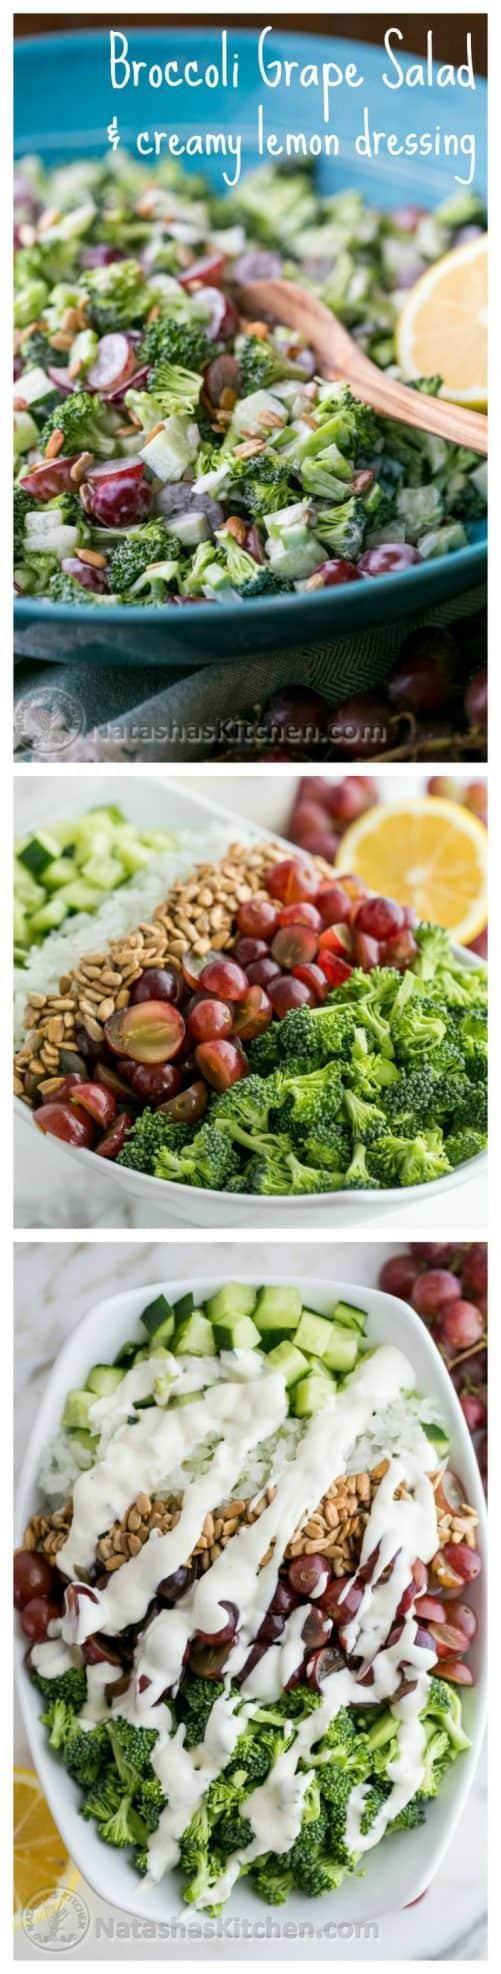 Broccoli Grape Cucumber Salad|Natasha's Kitchen